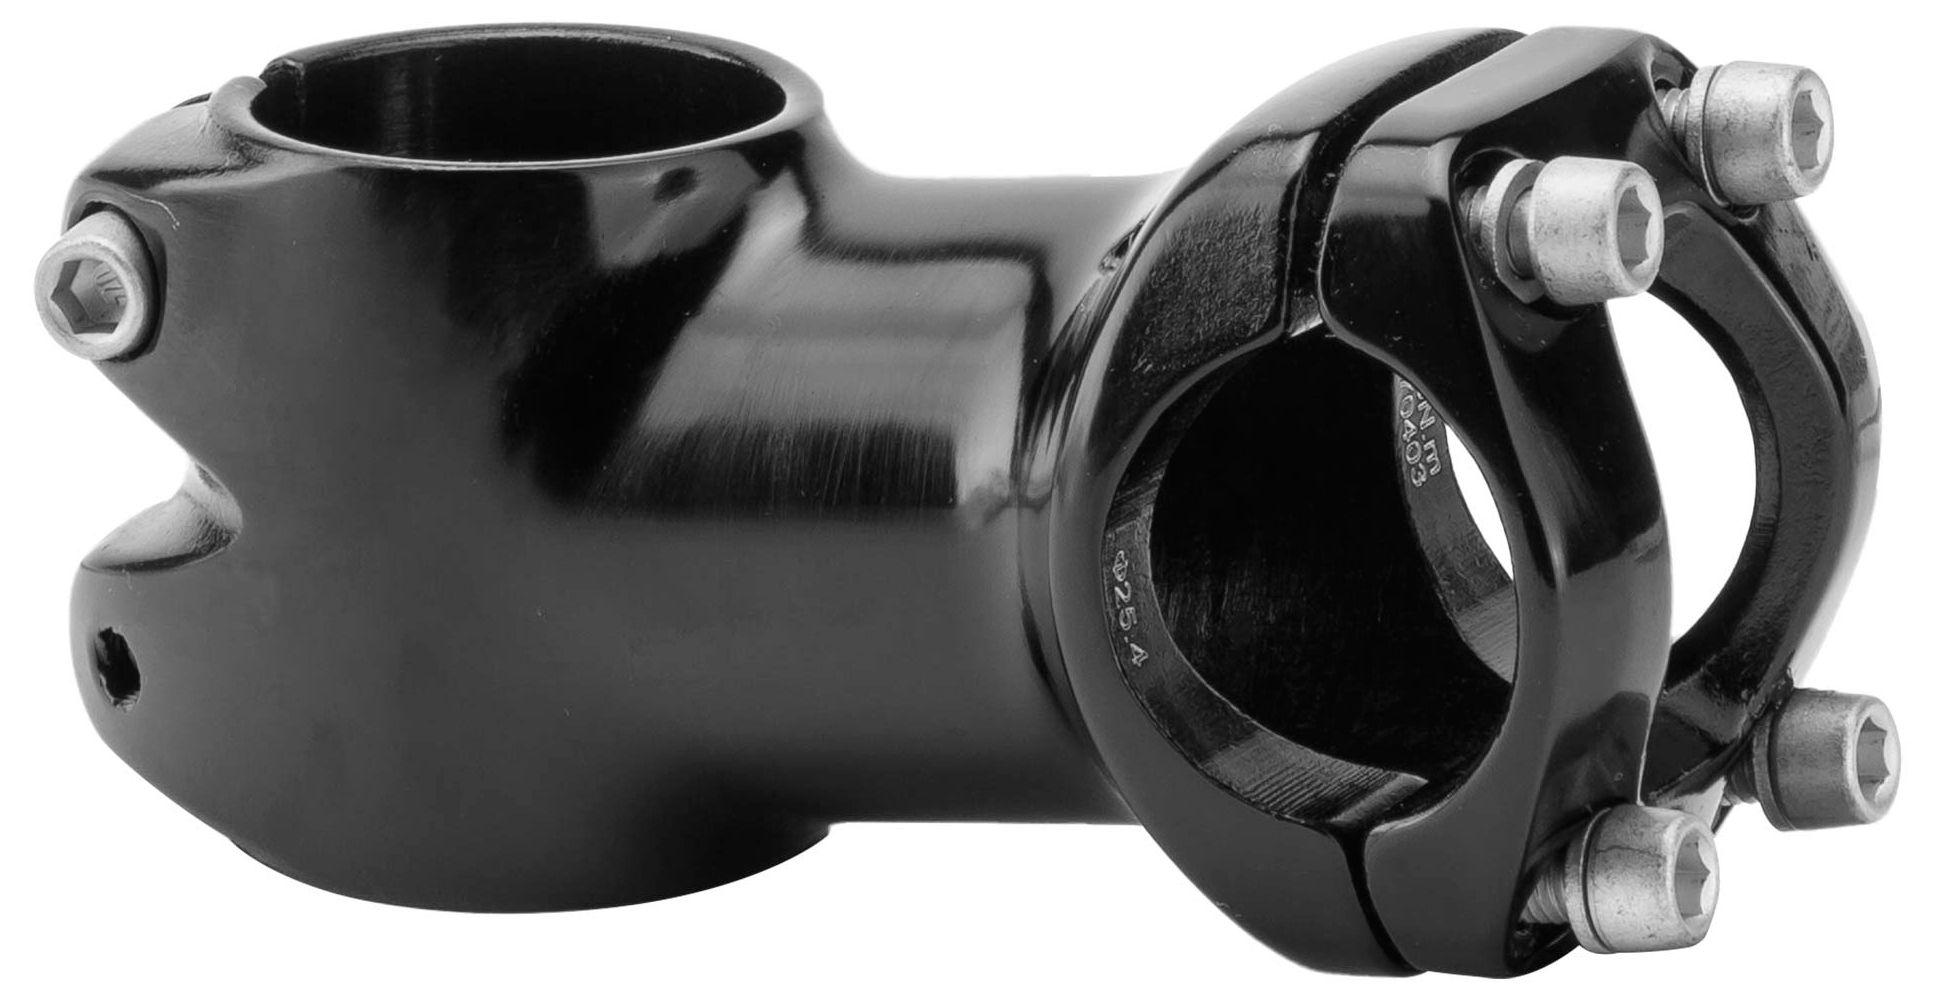 Запчасть Stels SM-M003, 1-1/8 х 105 мм х 25,4 мм запчасть stels с ниппелем 235 мм 24